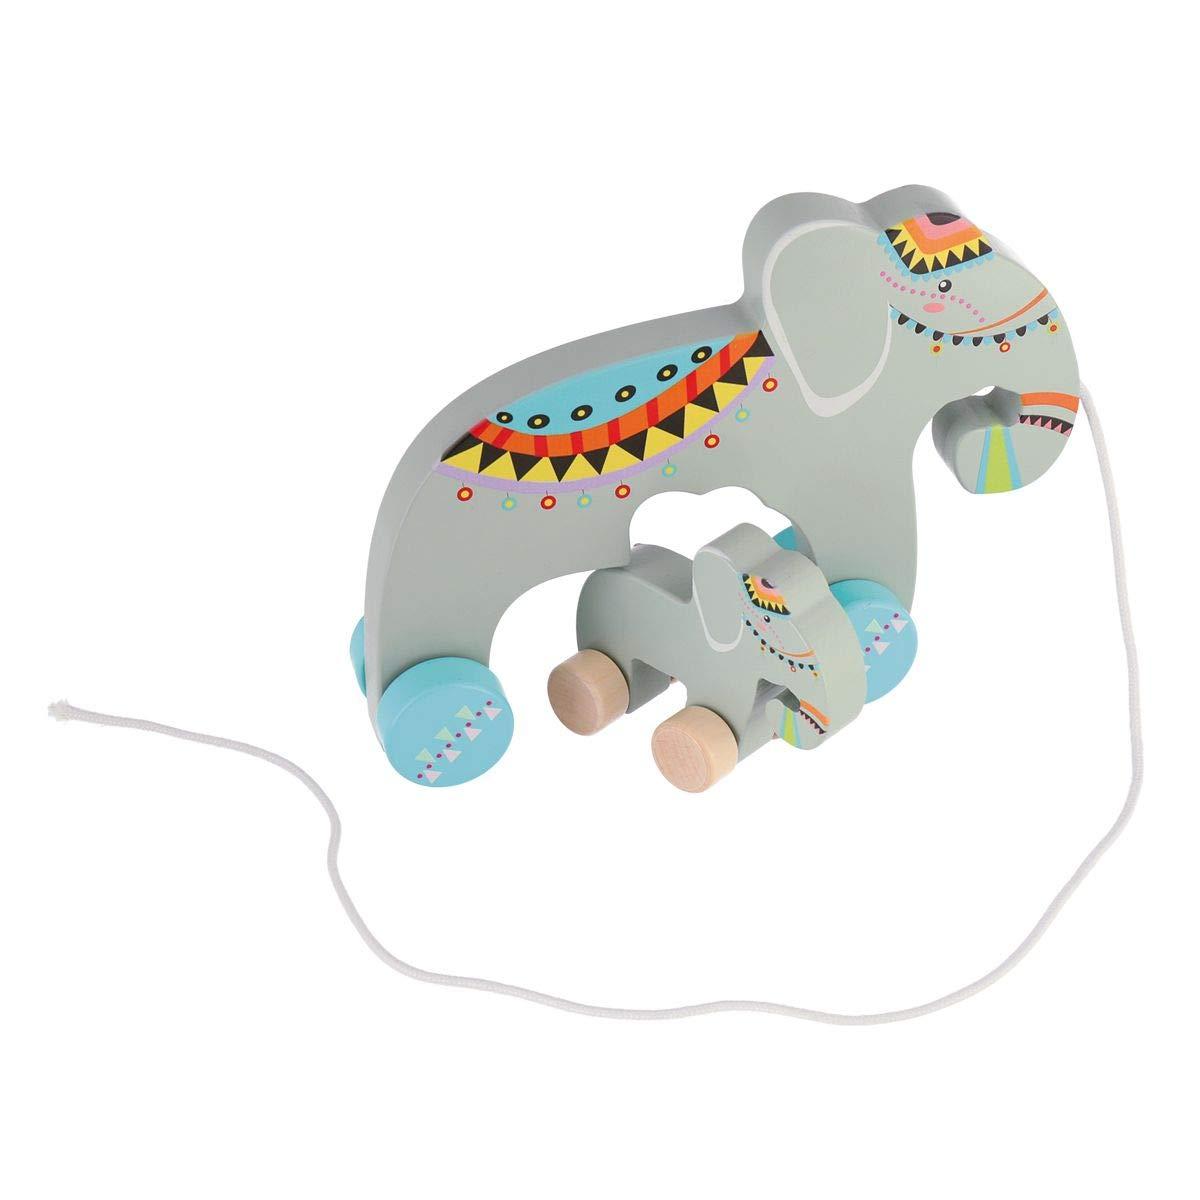 Nachziehelefant mit herausnehmbaren Elefantenbaby Holzspielzeug zum hinterherziehen Nachziehspielzeug f/ür Kinder ab 18m+ Bieco 23000077 Nachziehtier Elefant grau lustiger Elefant aus Holz